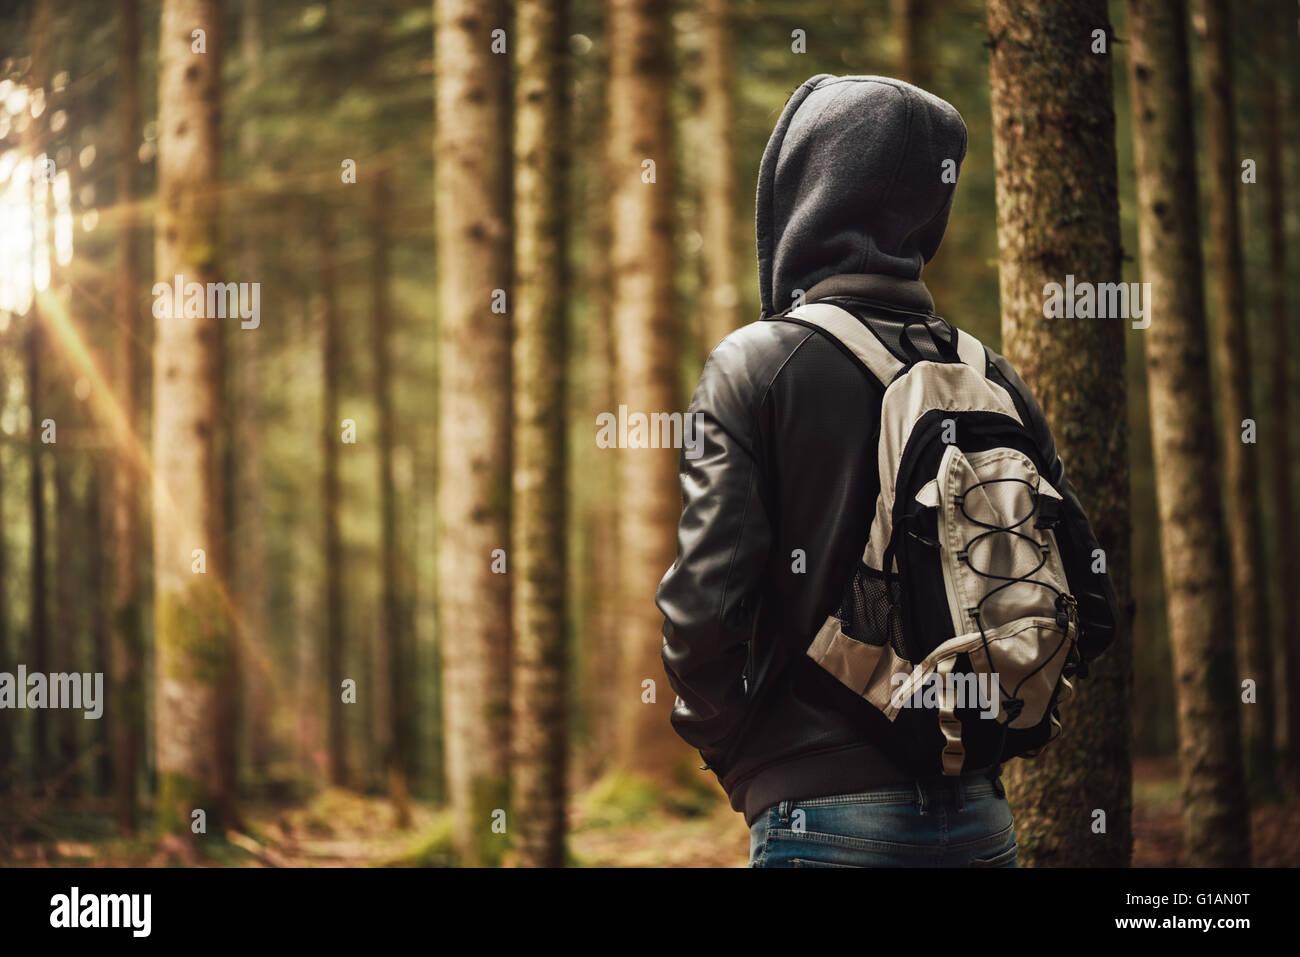 Junge mit Kapuze Mann Wandern in den Wäldern, Freiheit und Natur-Konzept Stockbild